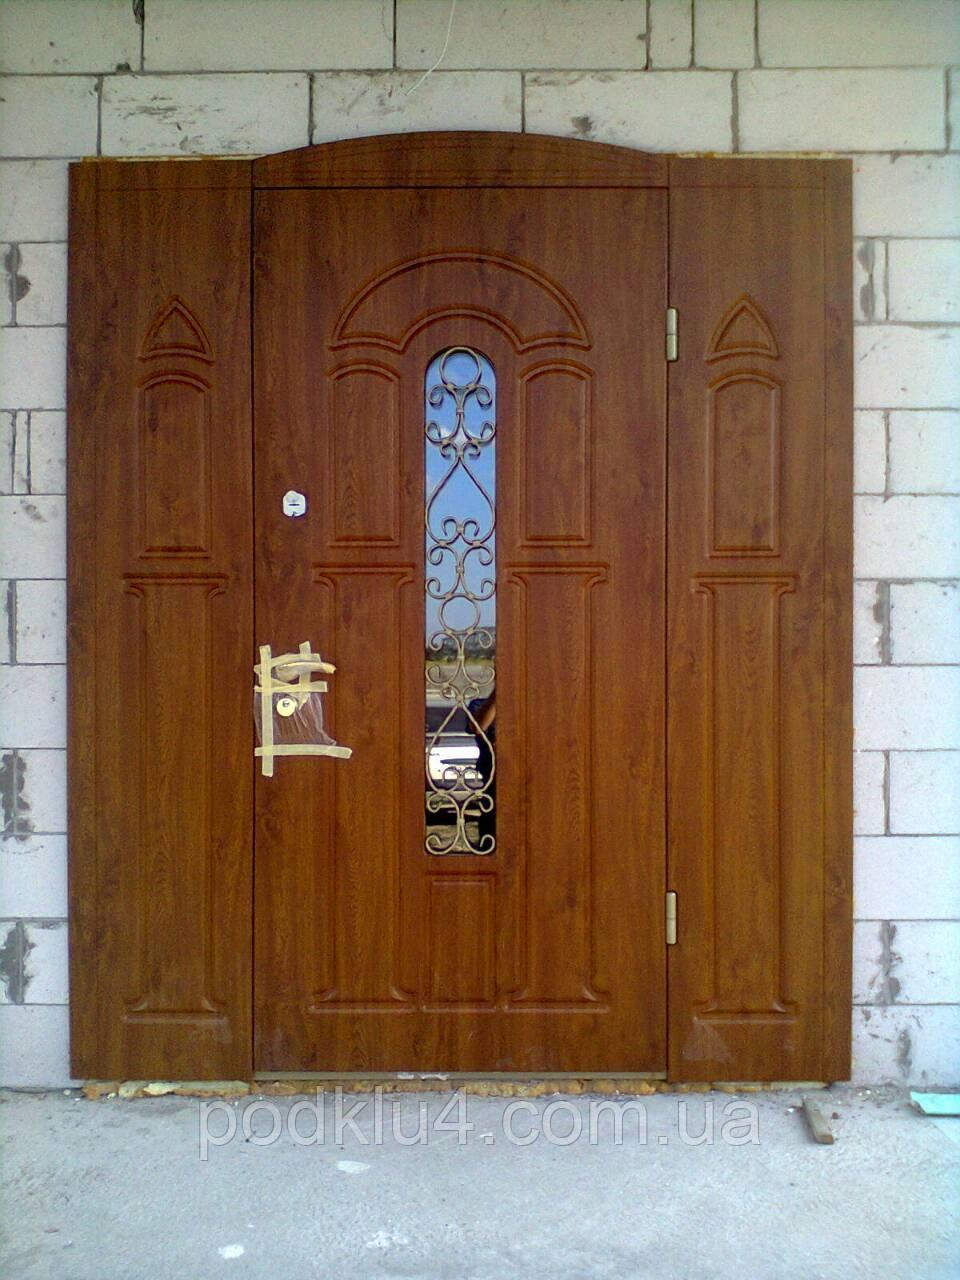 Нестандартные входные двери для коттеджей